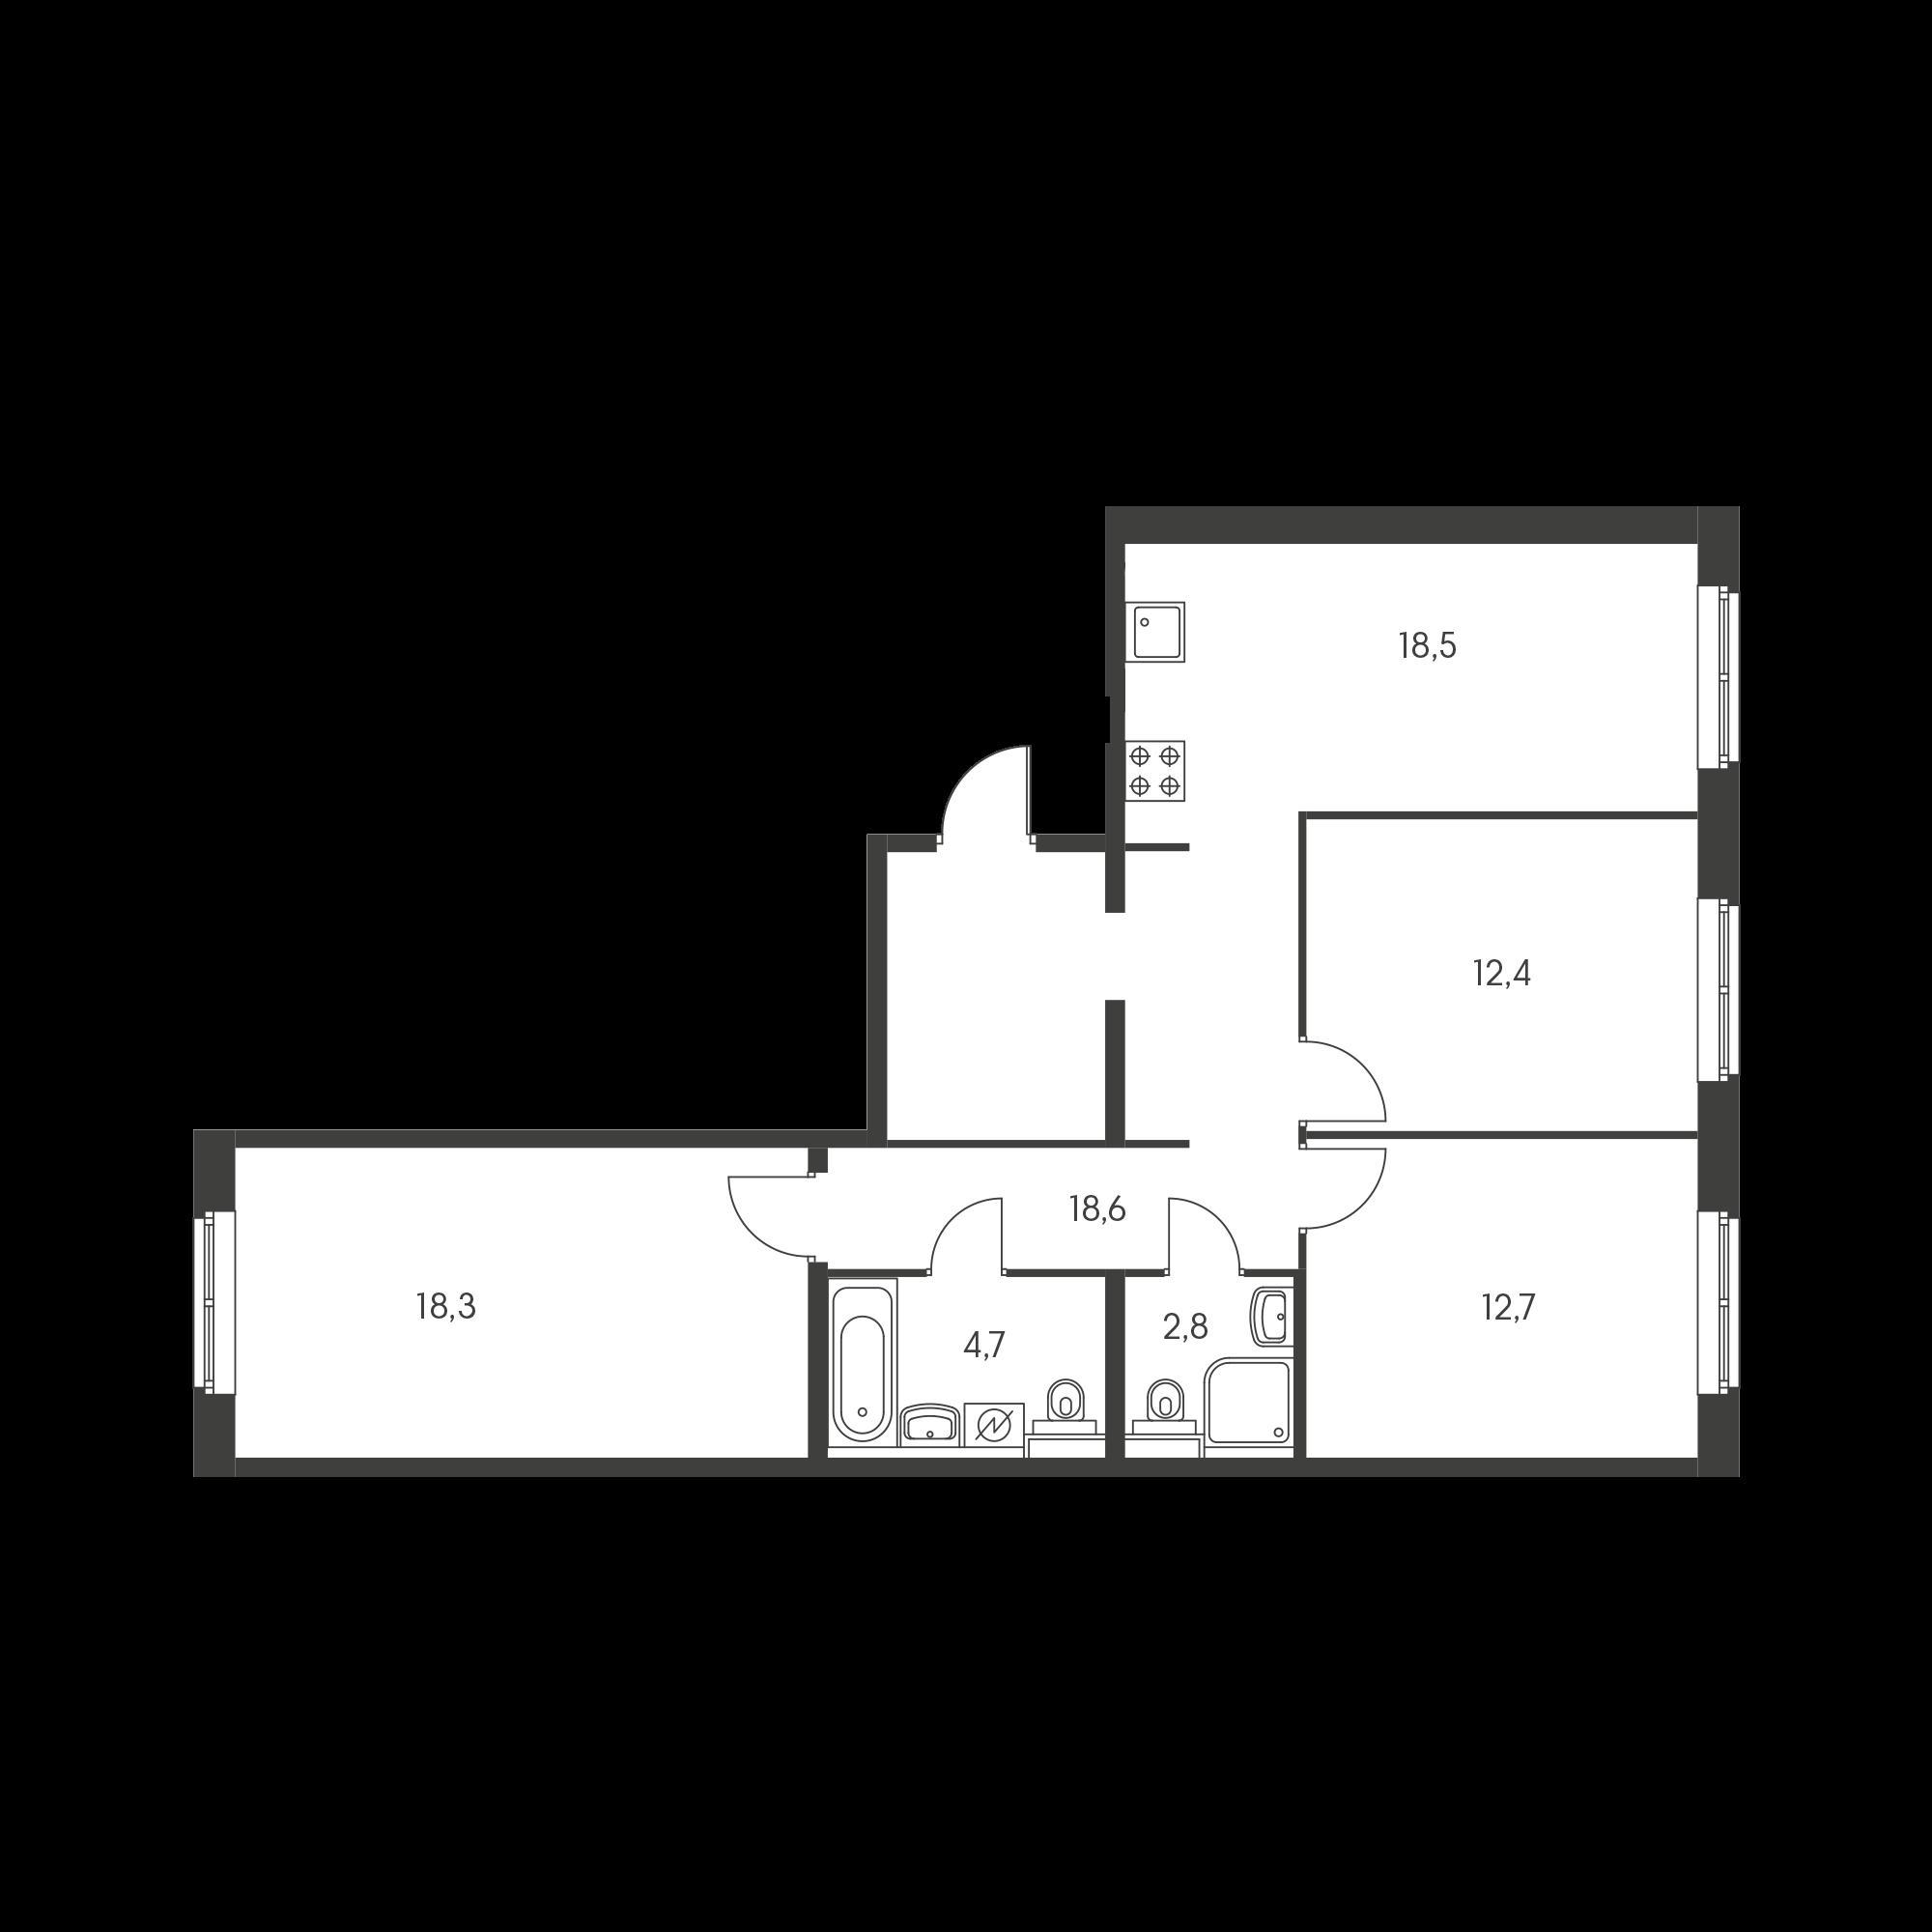 3EL3_9.9-1_D